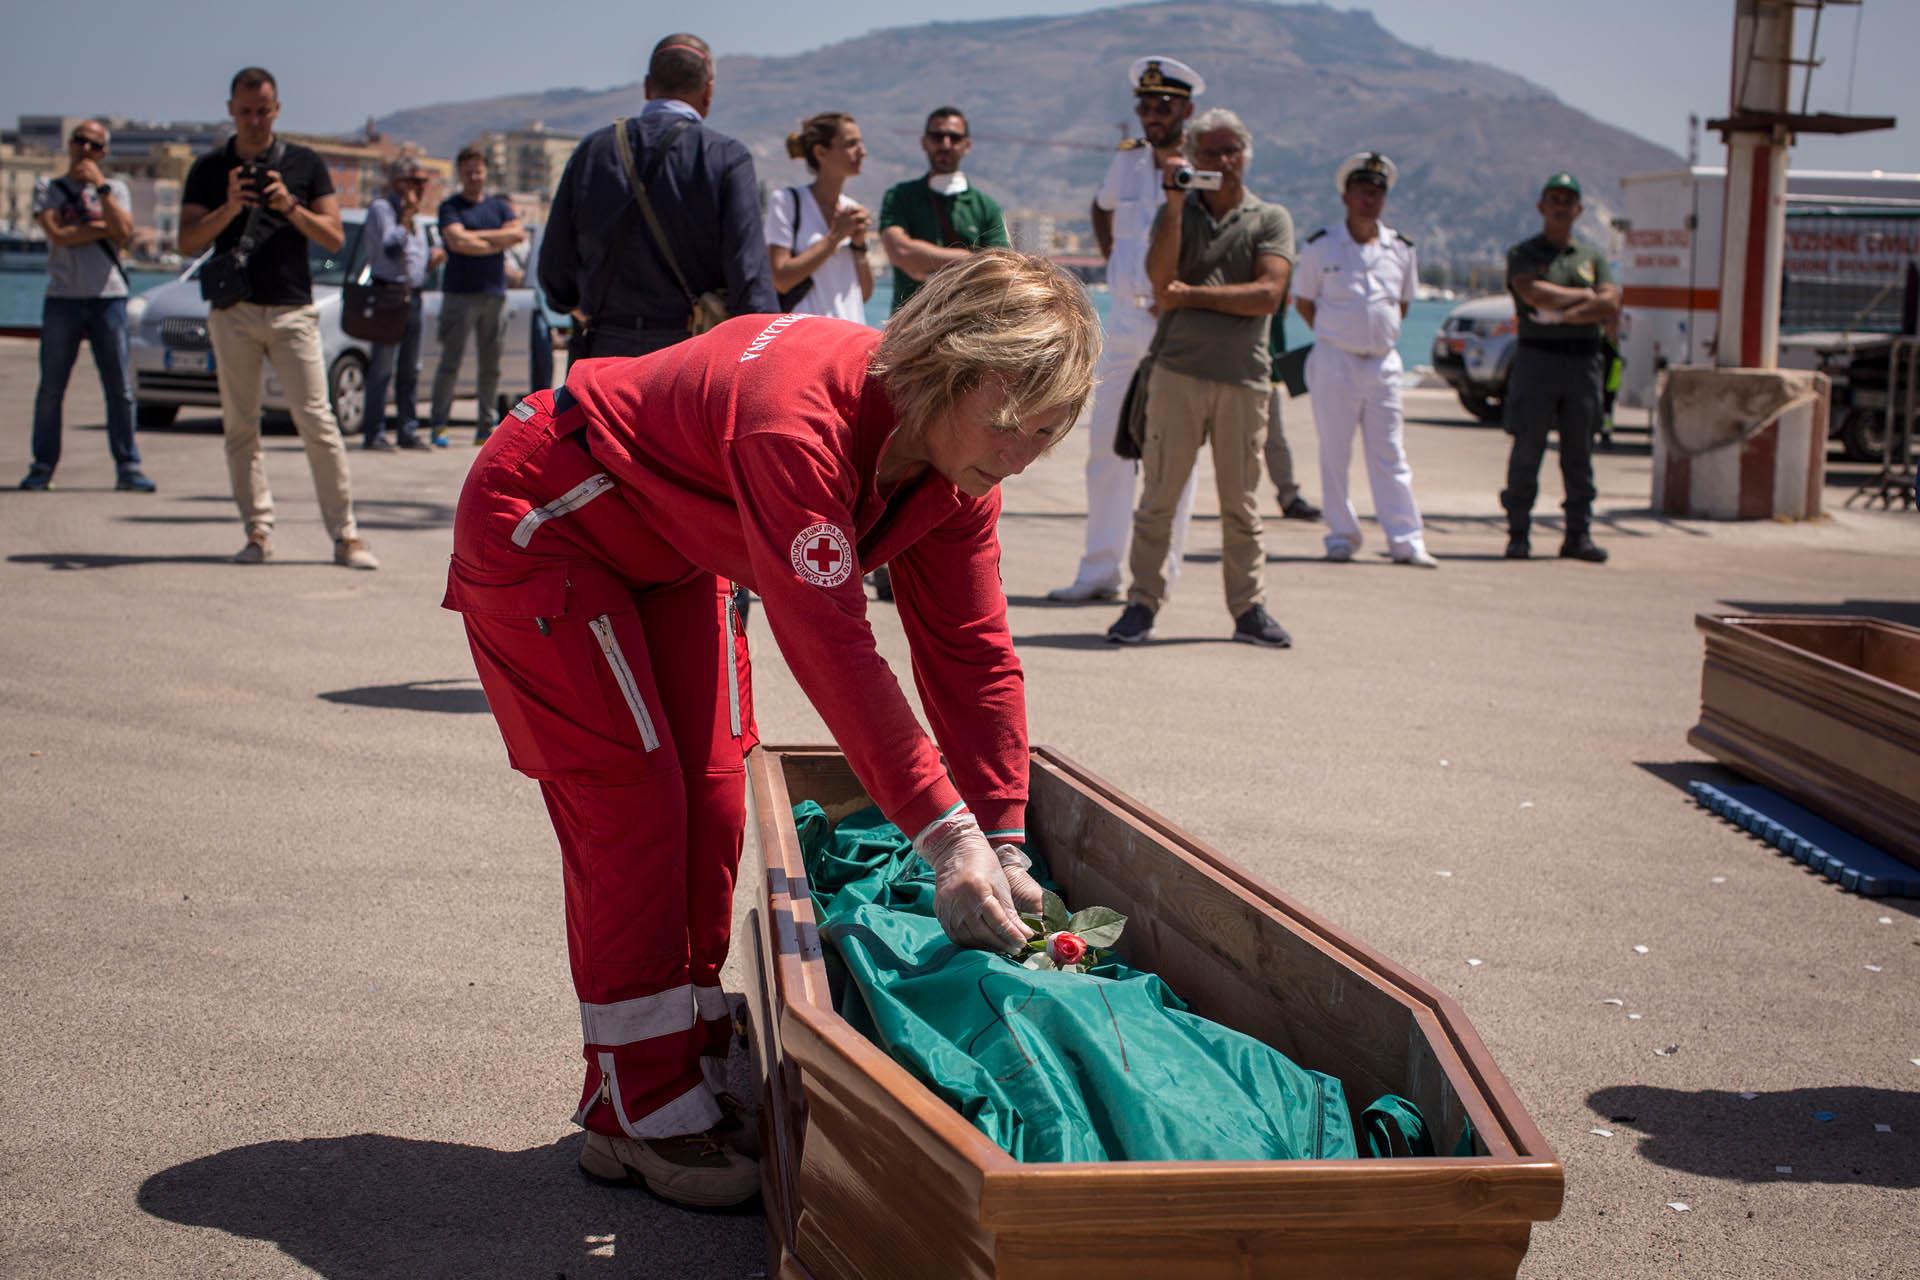 Eine Ärztin legt eine rote Rose in den Sarg eines Flüchtlings, der immer Mittelmeer starb. (Foto: Anna Psaroudakis)